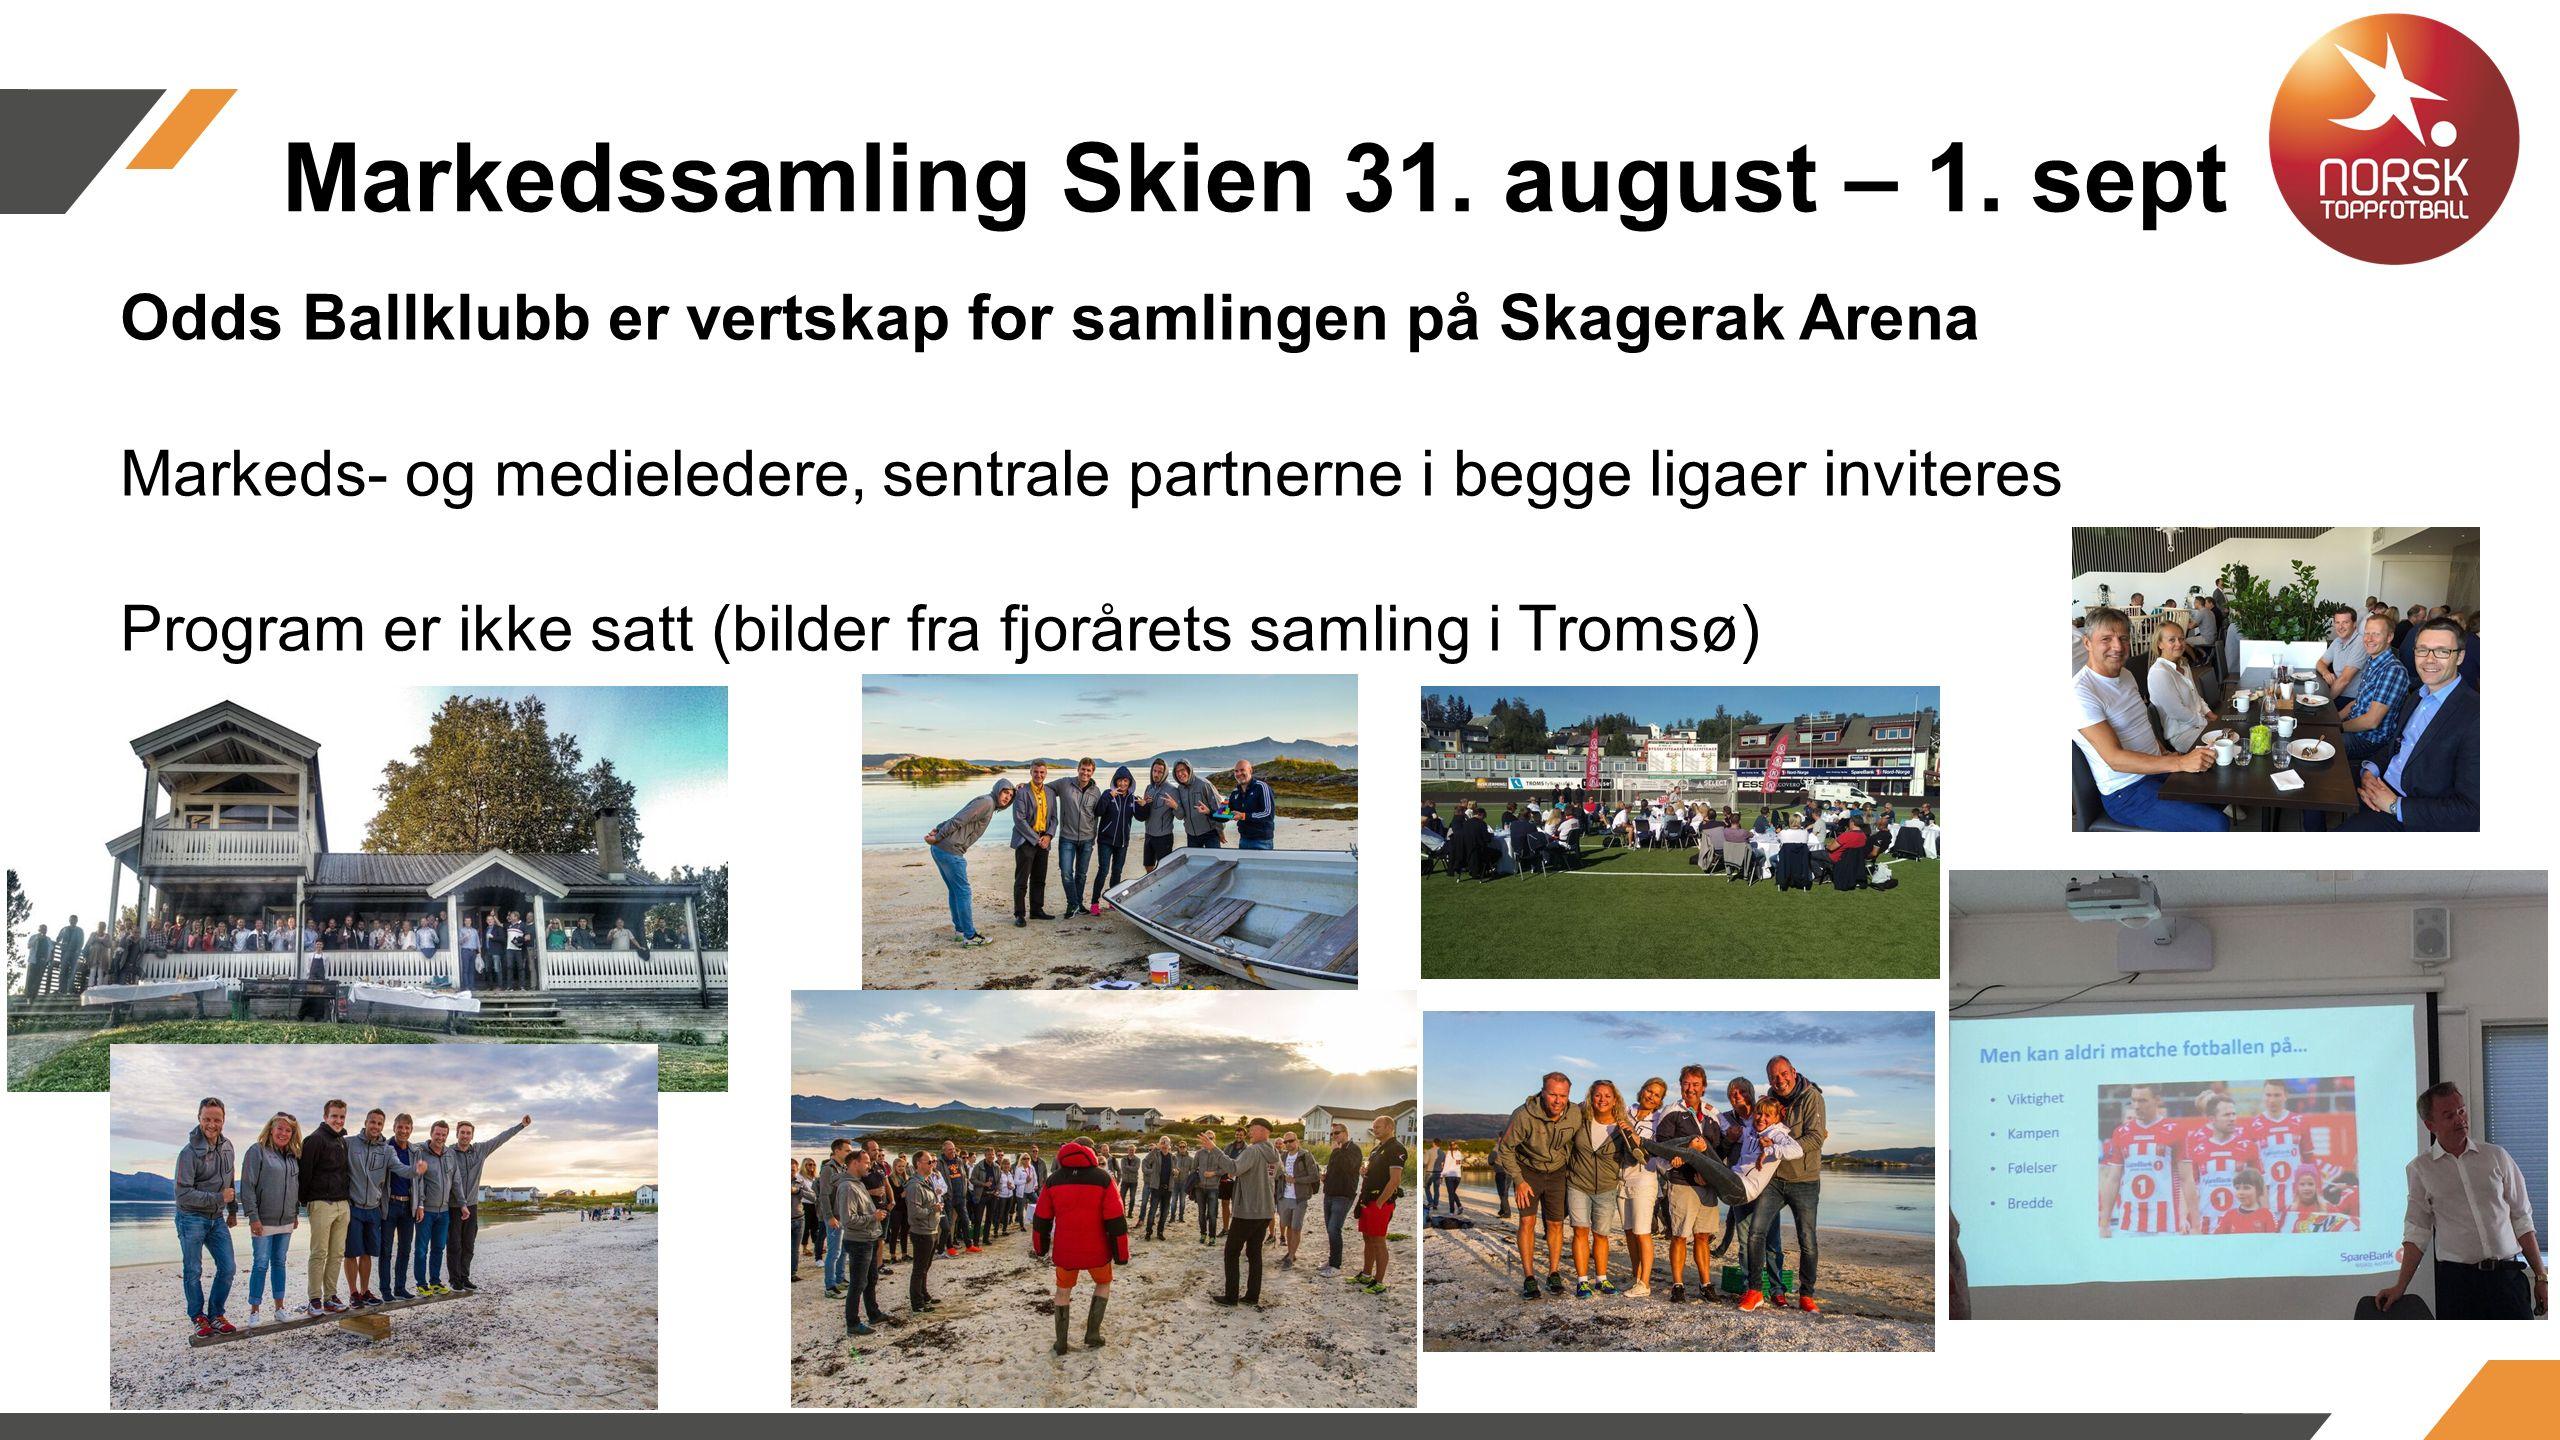 Odds Ballklubb er vertskap for samlingen på Skagerak Arena Markeds- og medieledere, sentrale partnerne i begge ligaer inviteres Program er ikke satt (bilder fra fjorårets samling i Tromsø) Markedssamling Skien 31.